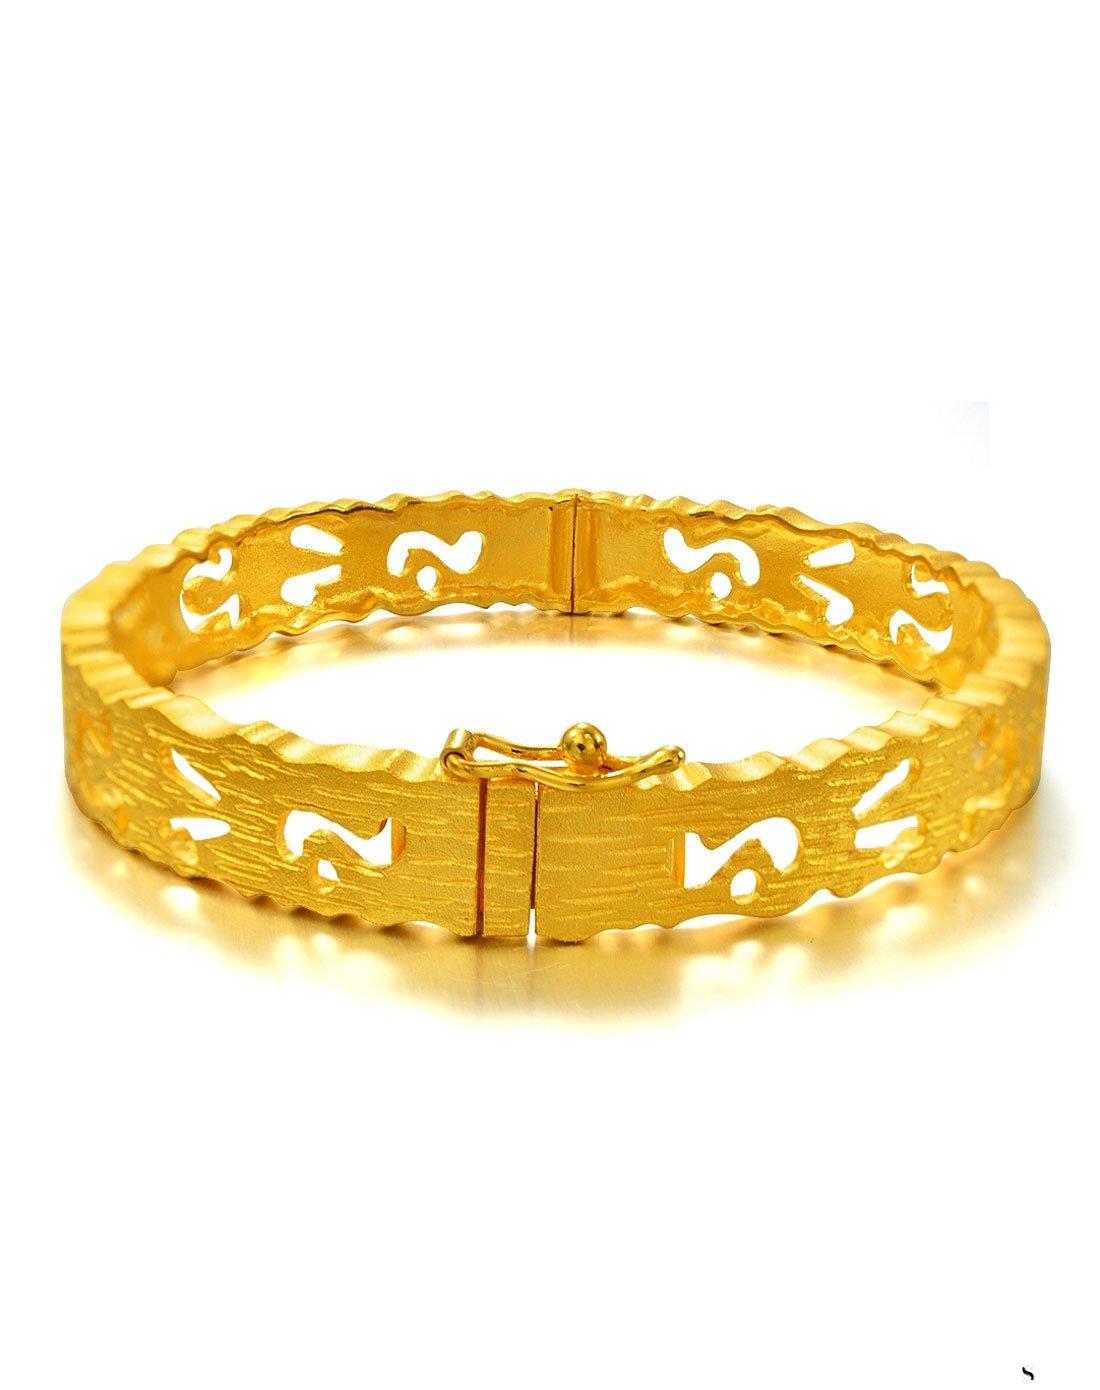 现在一克黄金回收价格是多少?